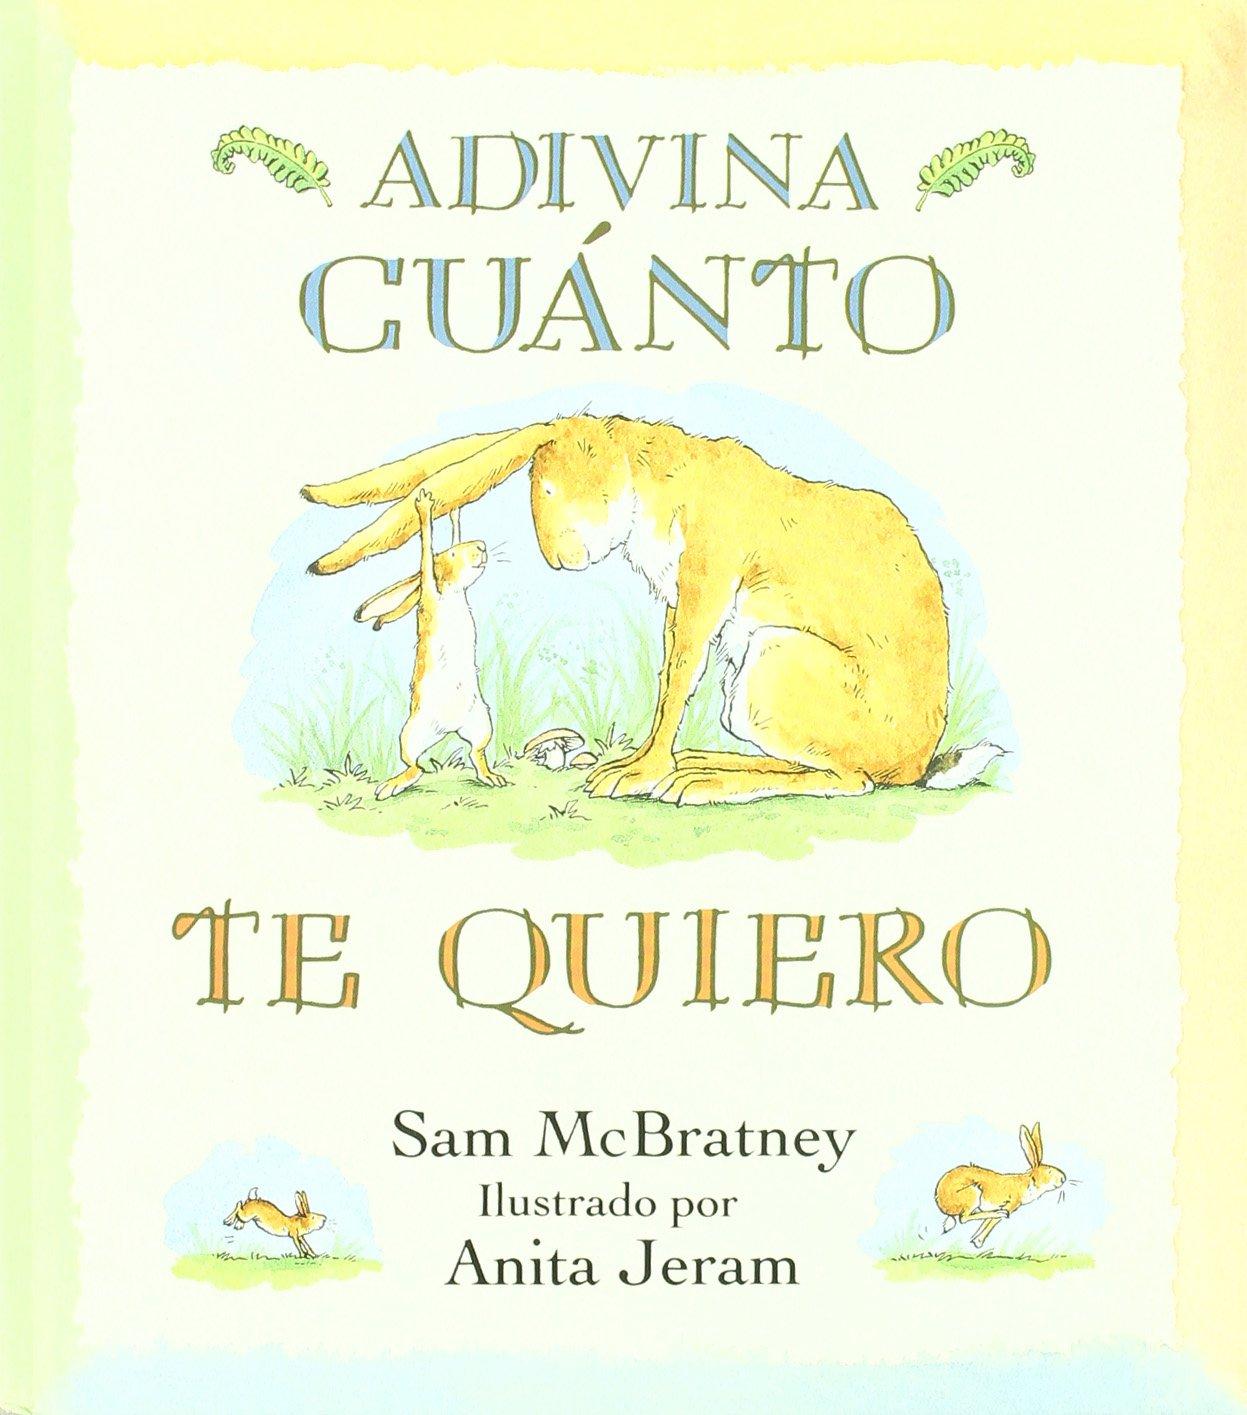 Adivina Cuánto Te Quiero Amazon Es Mcbratney Sam Jeram Anita Rubio Muñoz Esther Libros